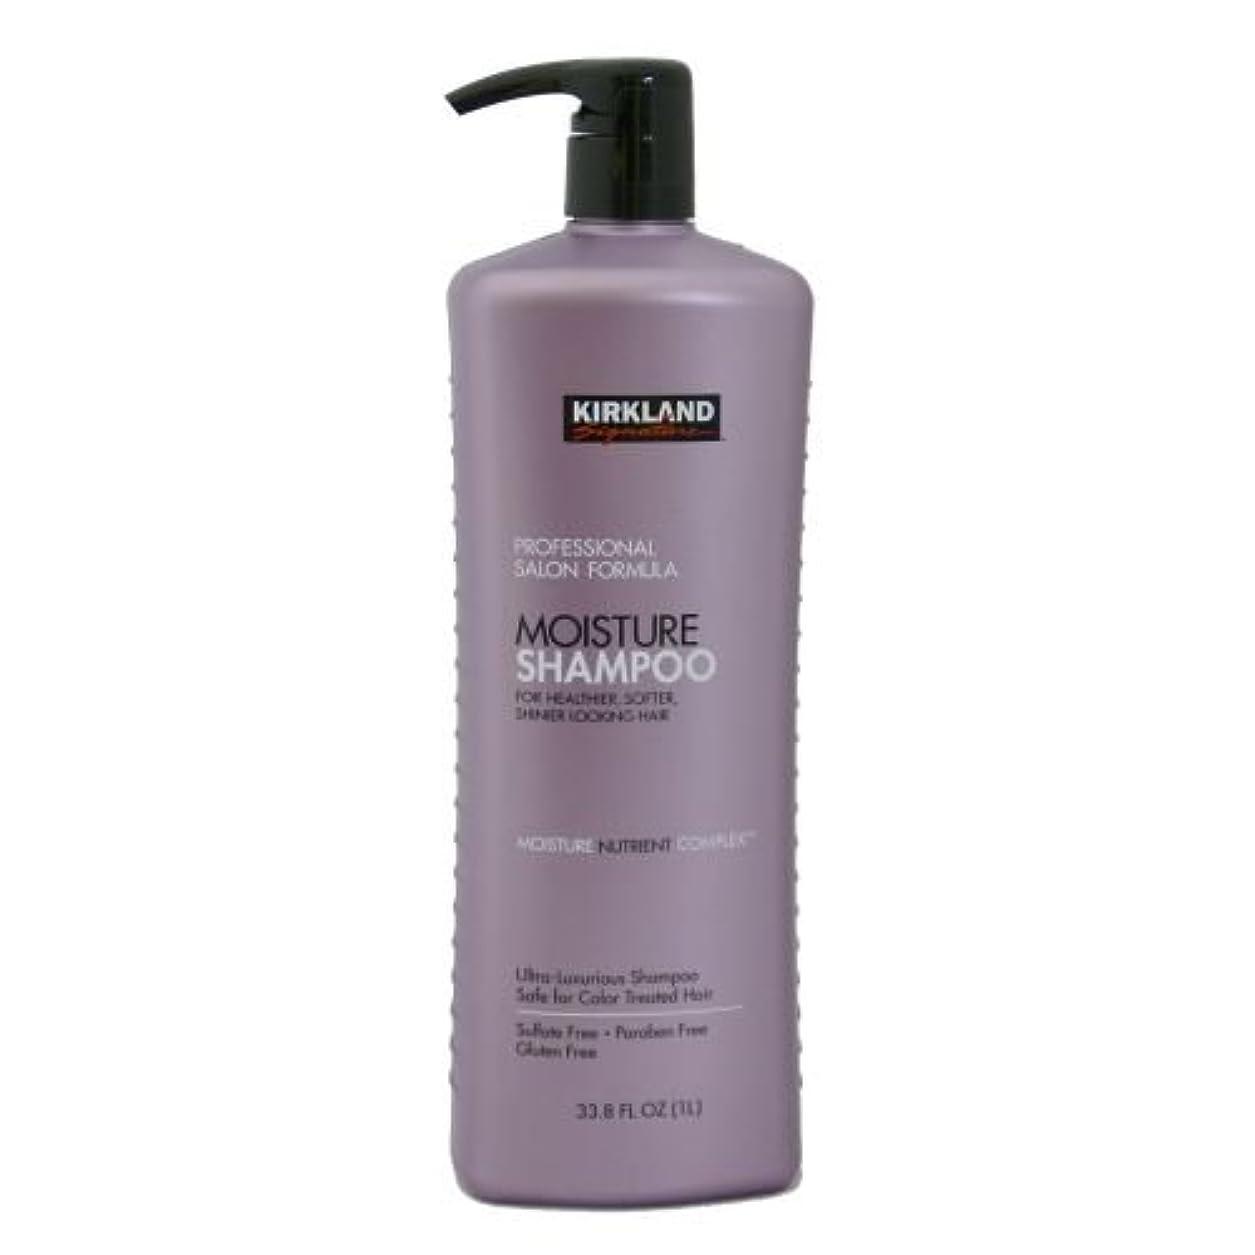 観察する知人目に見えるカークランドシグネチャー モイスチャーシャンプー1000ml【Kirkland Signature Moisture Shampoo】海外直送品